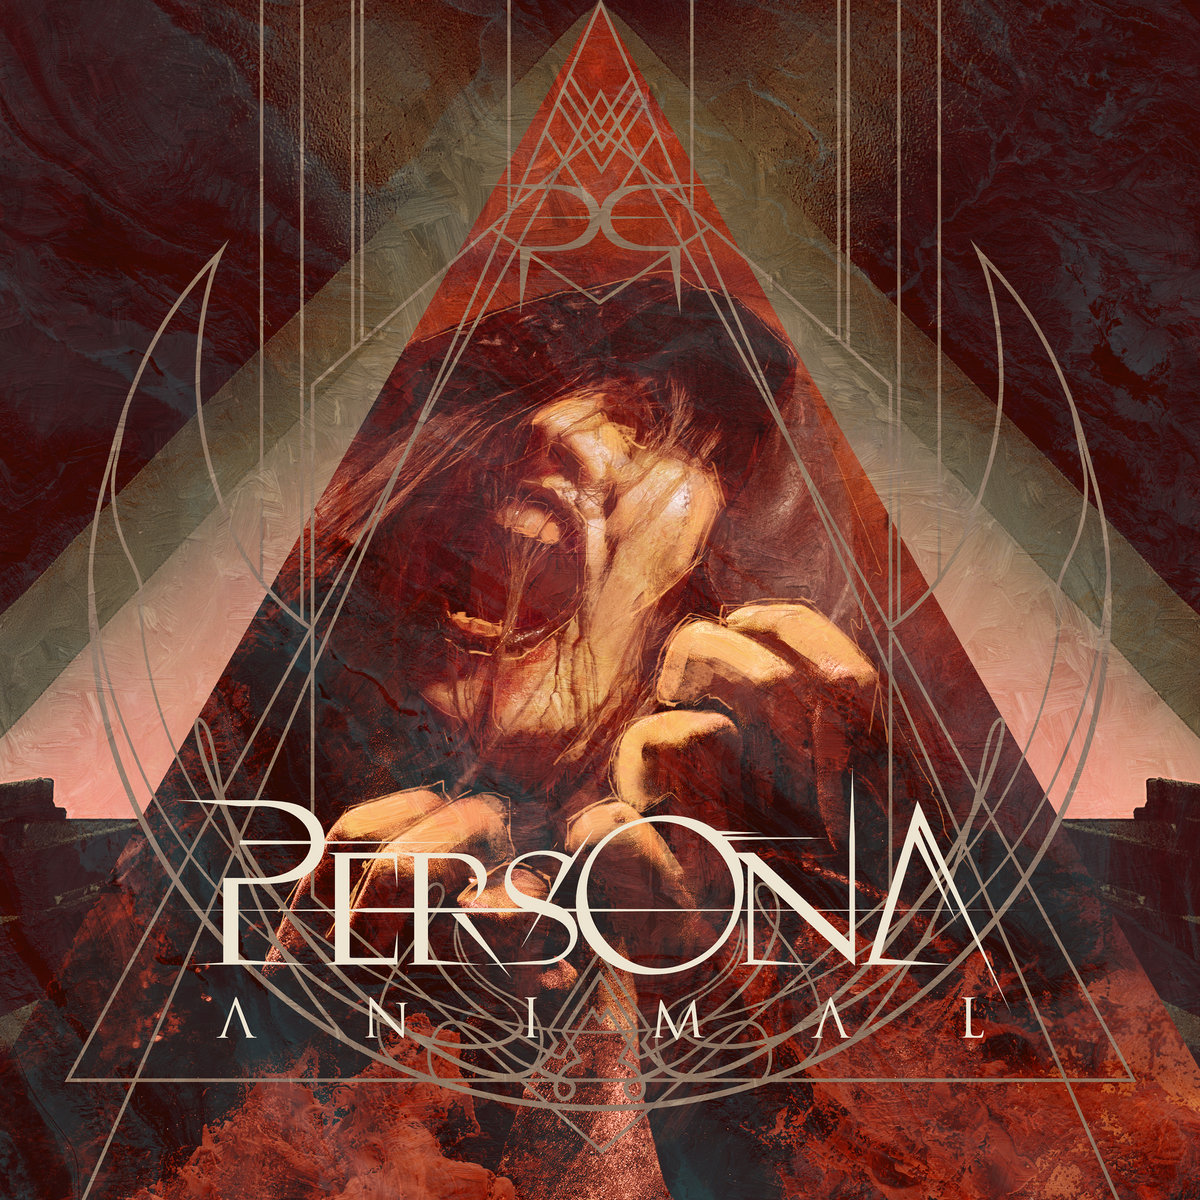 PERSONA album